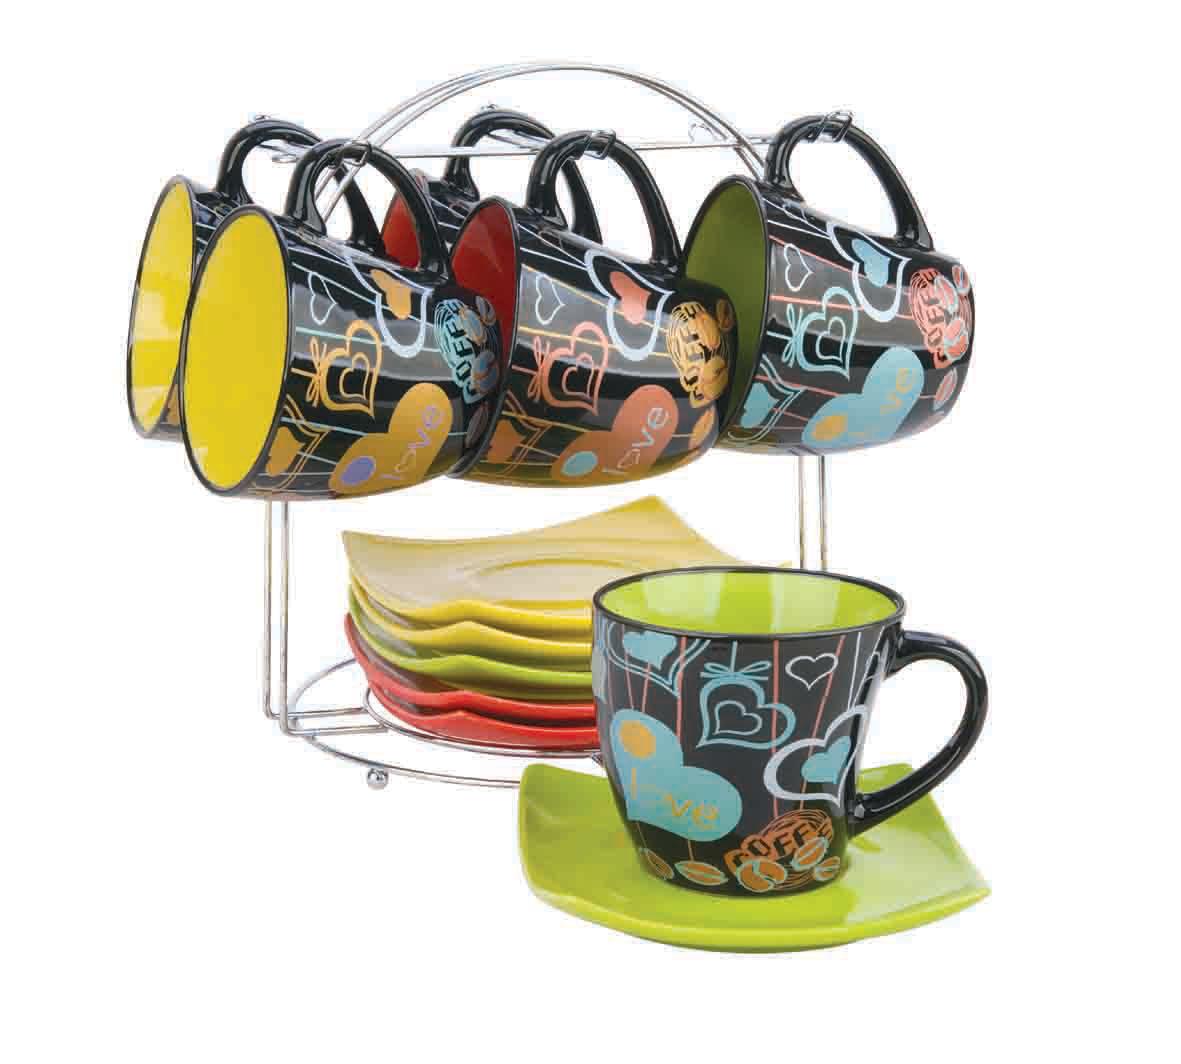 Набор чайный Bekker, 13 предметов. BK-5994BK-5994Чайный набор Bekker состоит из шести чашек и шести блюдец. Предметы набора изготовлены из высококачественной жаропрочной керамики без примесей кадмия и свинца. Глазурованная поверхность облегчает чистку. Внешние стенки кружек оформлены красочным орнаментом на черном фоне. Блюдца квадратной формы однотонные. В комплекте - металлическая хромированная подставка с шестью крючками для подвешивания кружек и подставкой для блюдец. Чайный набор яркого и в тоже время лаконичного дизайна украсит интерьер кухни и сделает ежедневное чаепитие настоящим праздником. Подходит для мытья в посудомоечной машине.